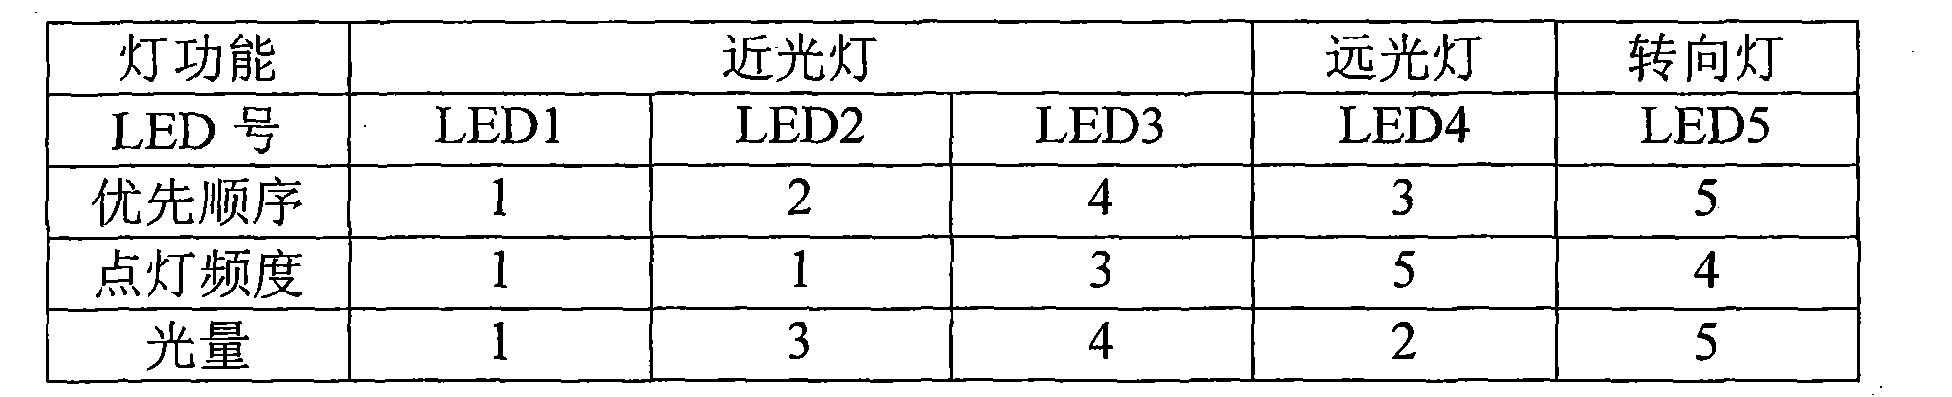 Figure CN101472368BD00101